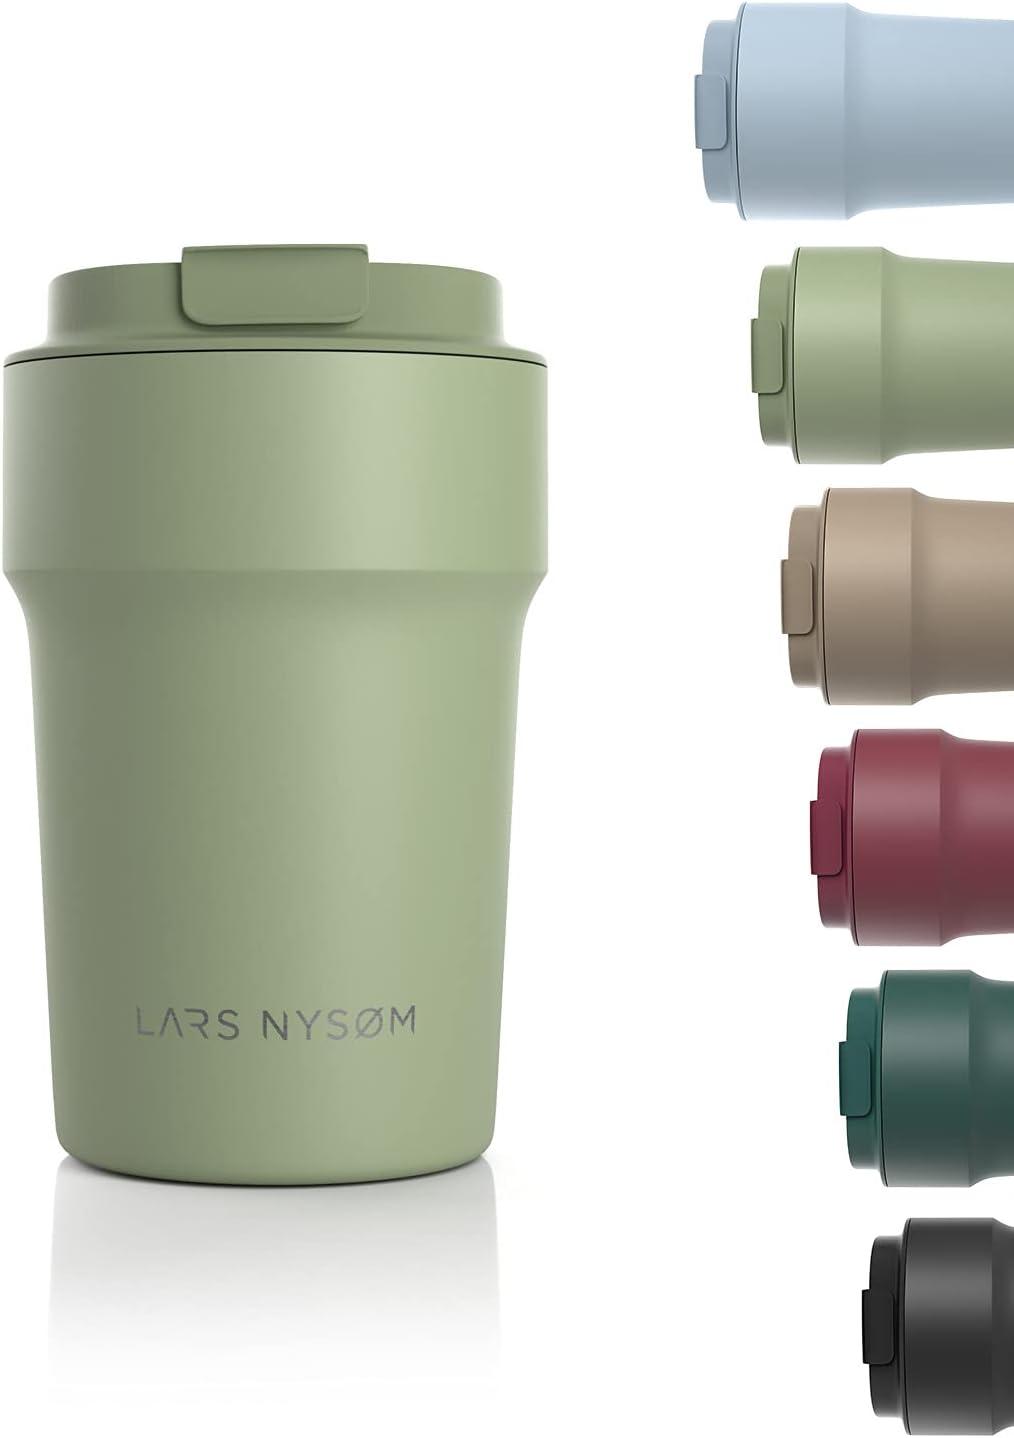 LARS NYSØM Taza térmica café para Llevar 380ml   Termo Café para Llevar sin BPA de 0,38 litros con Aislante   Travel mug de Acero Inoxidable a Prueba de Fugas para el café y el té